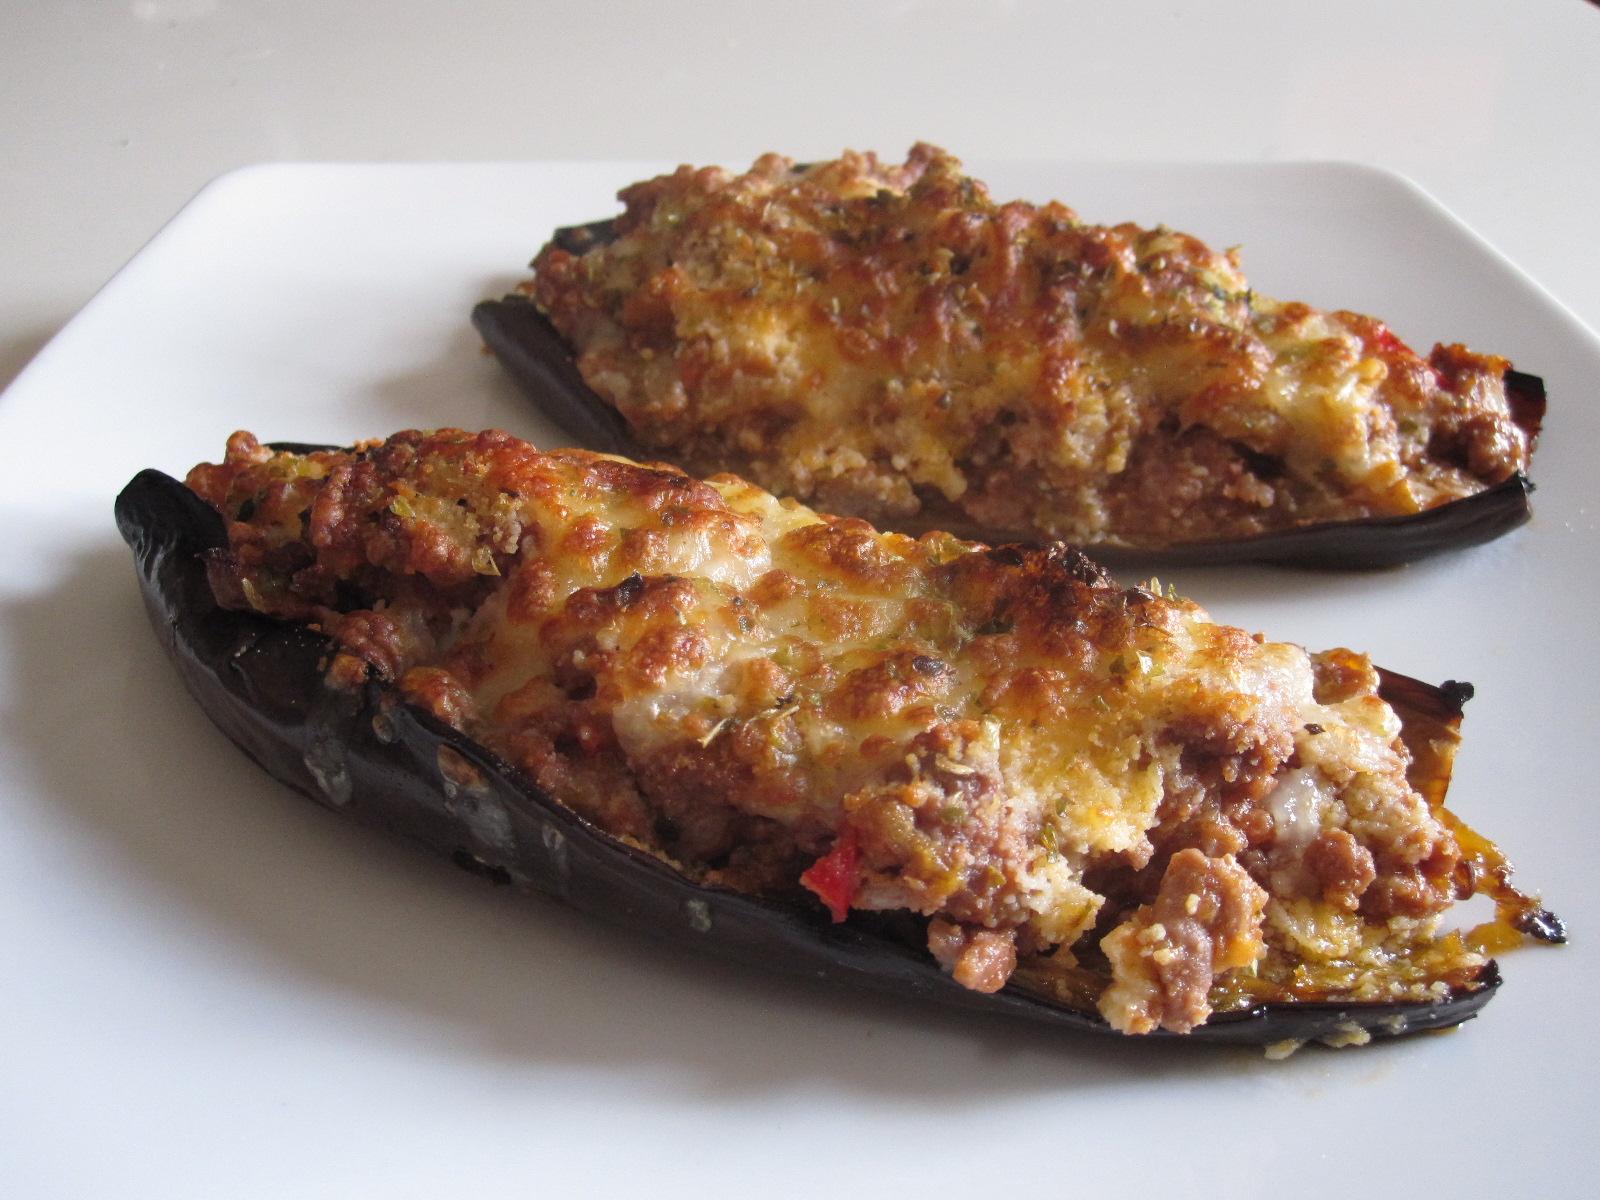 Berenjenas rellenas con carne picada mil recetas - Como cocinar carne picada ...